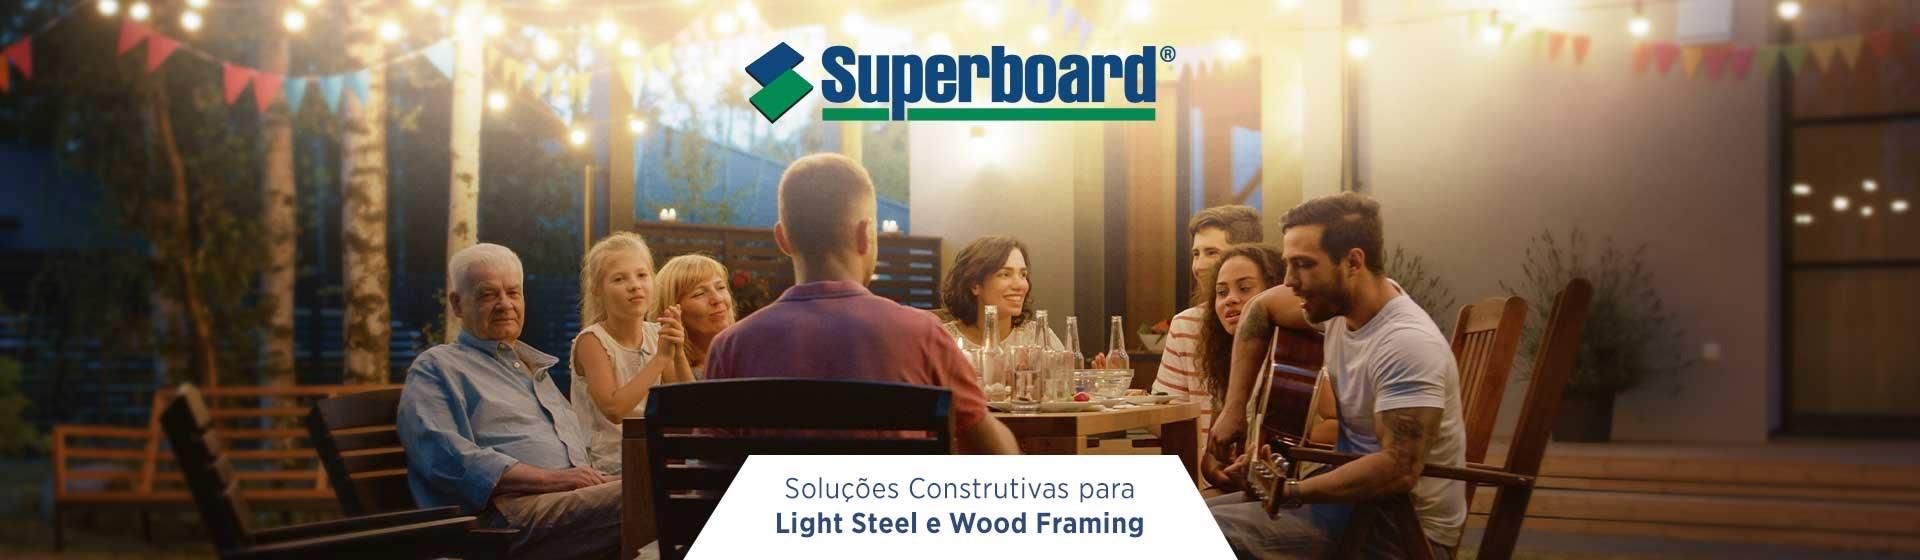 Banner home Superboard